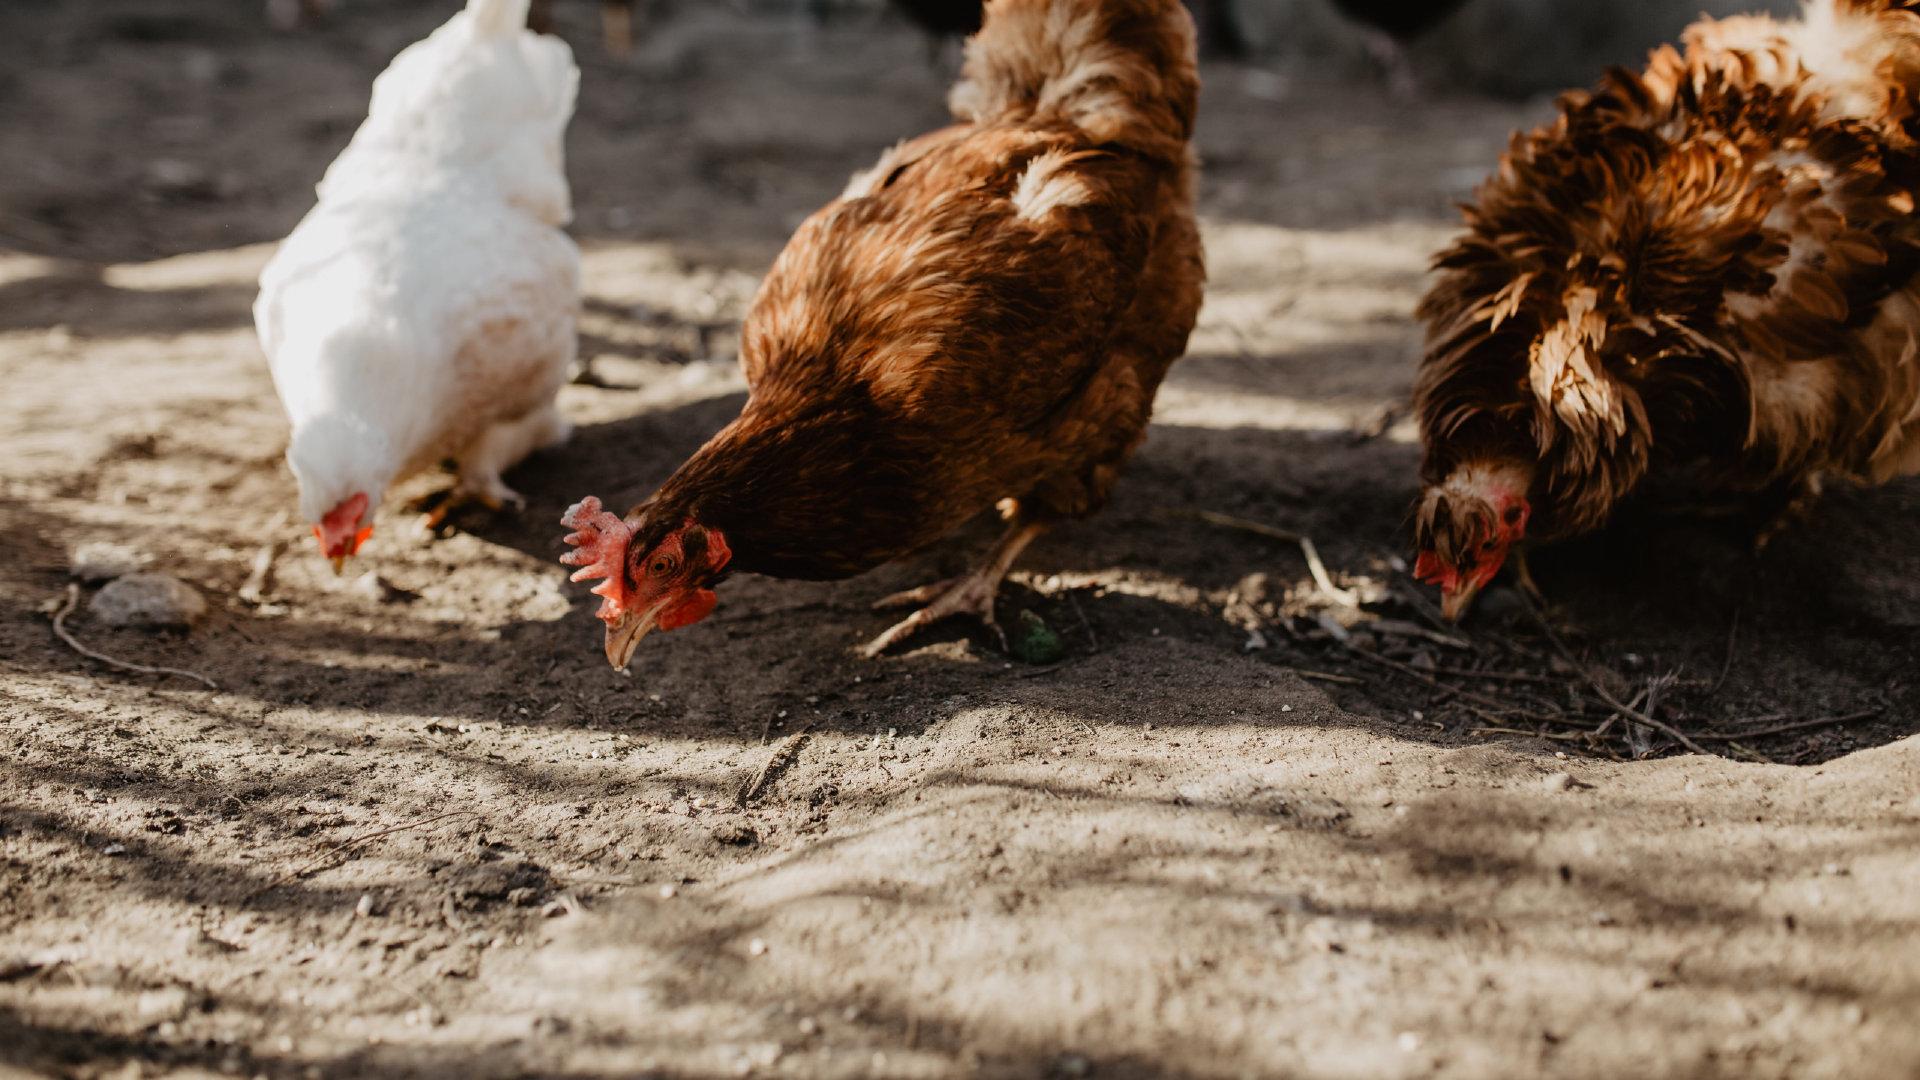 悠闲自在觅食的母鸡高清图集